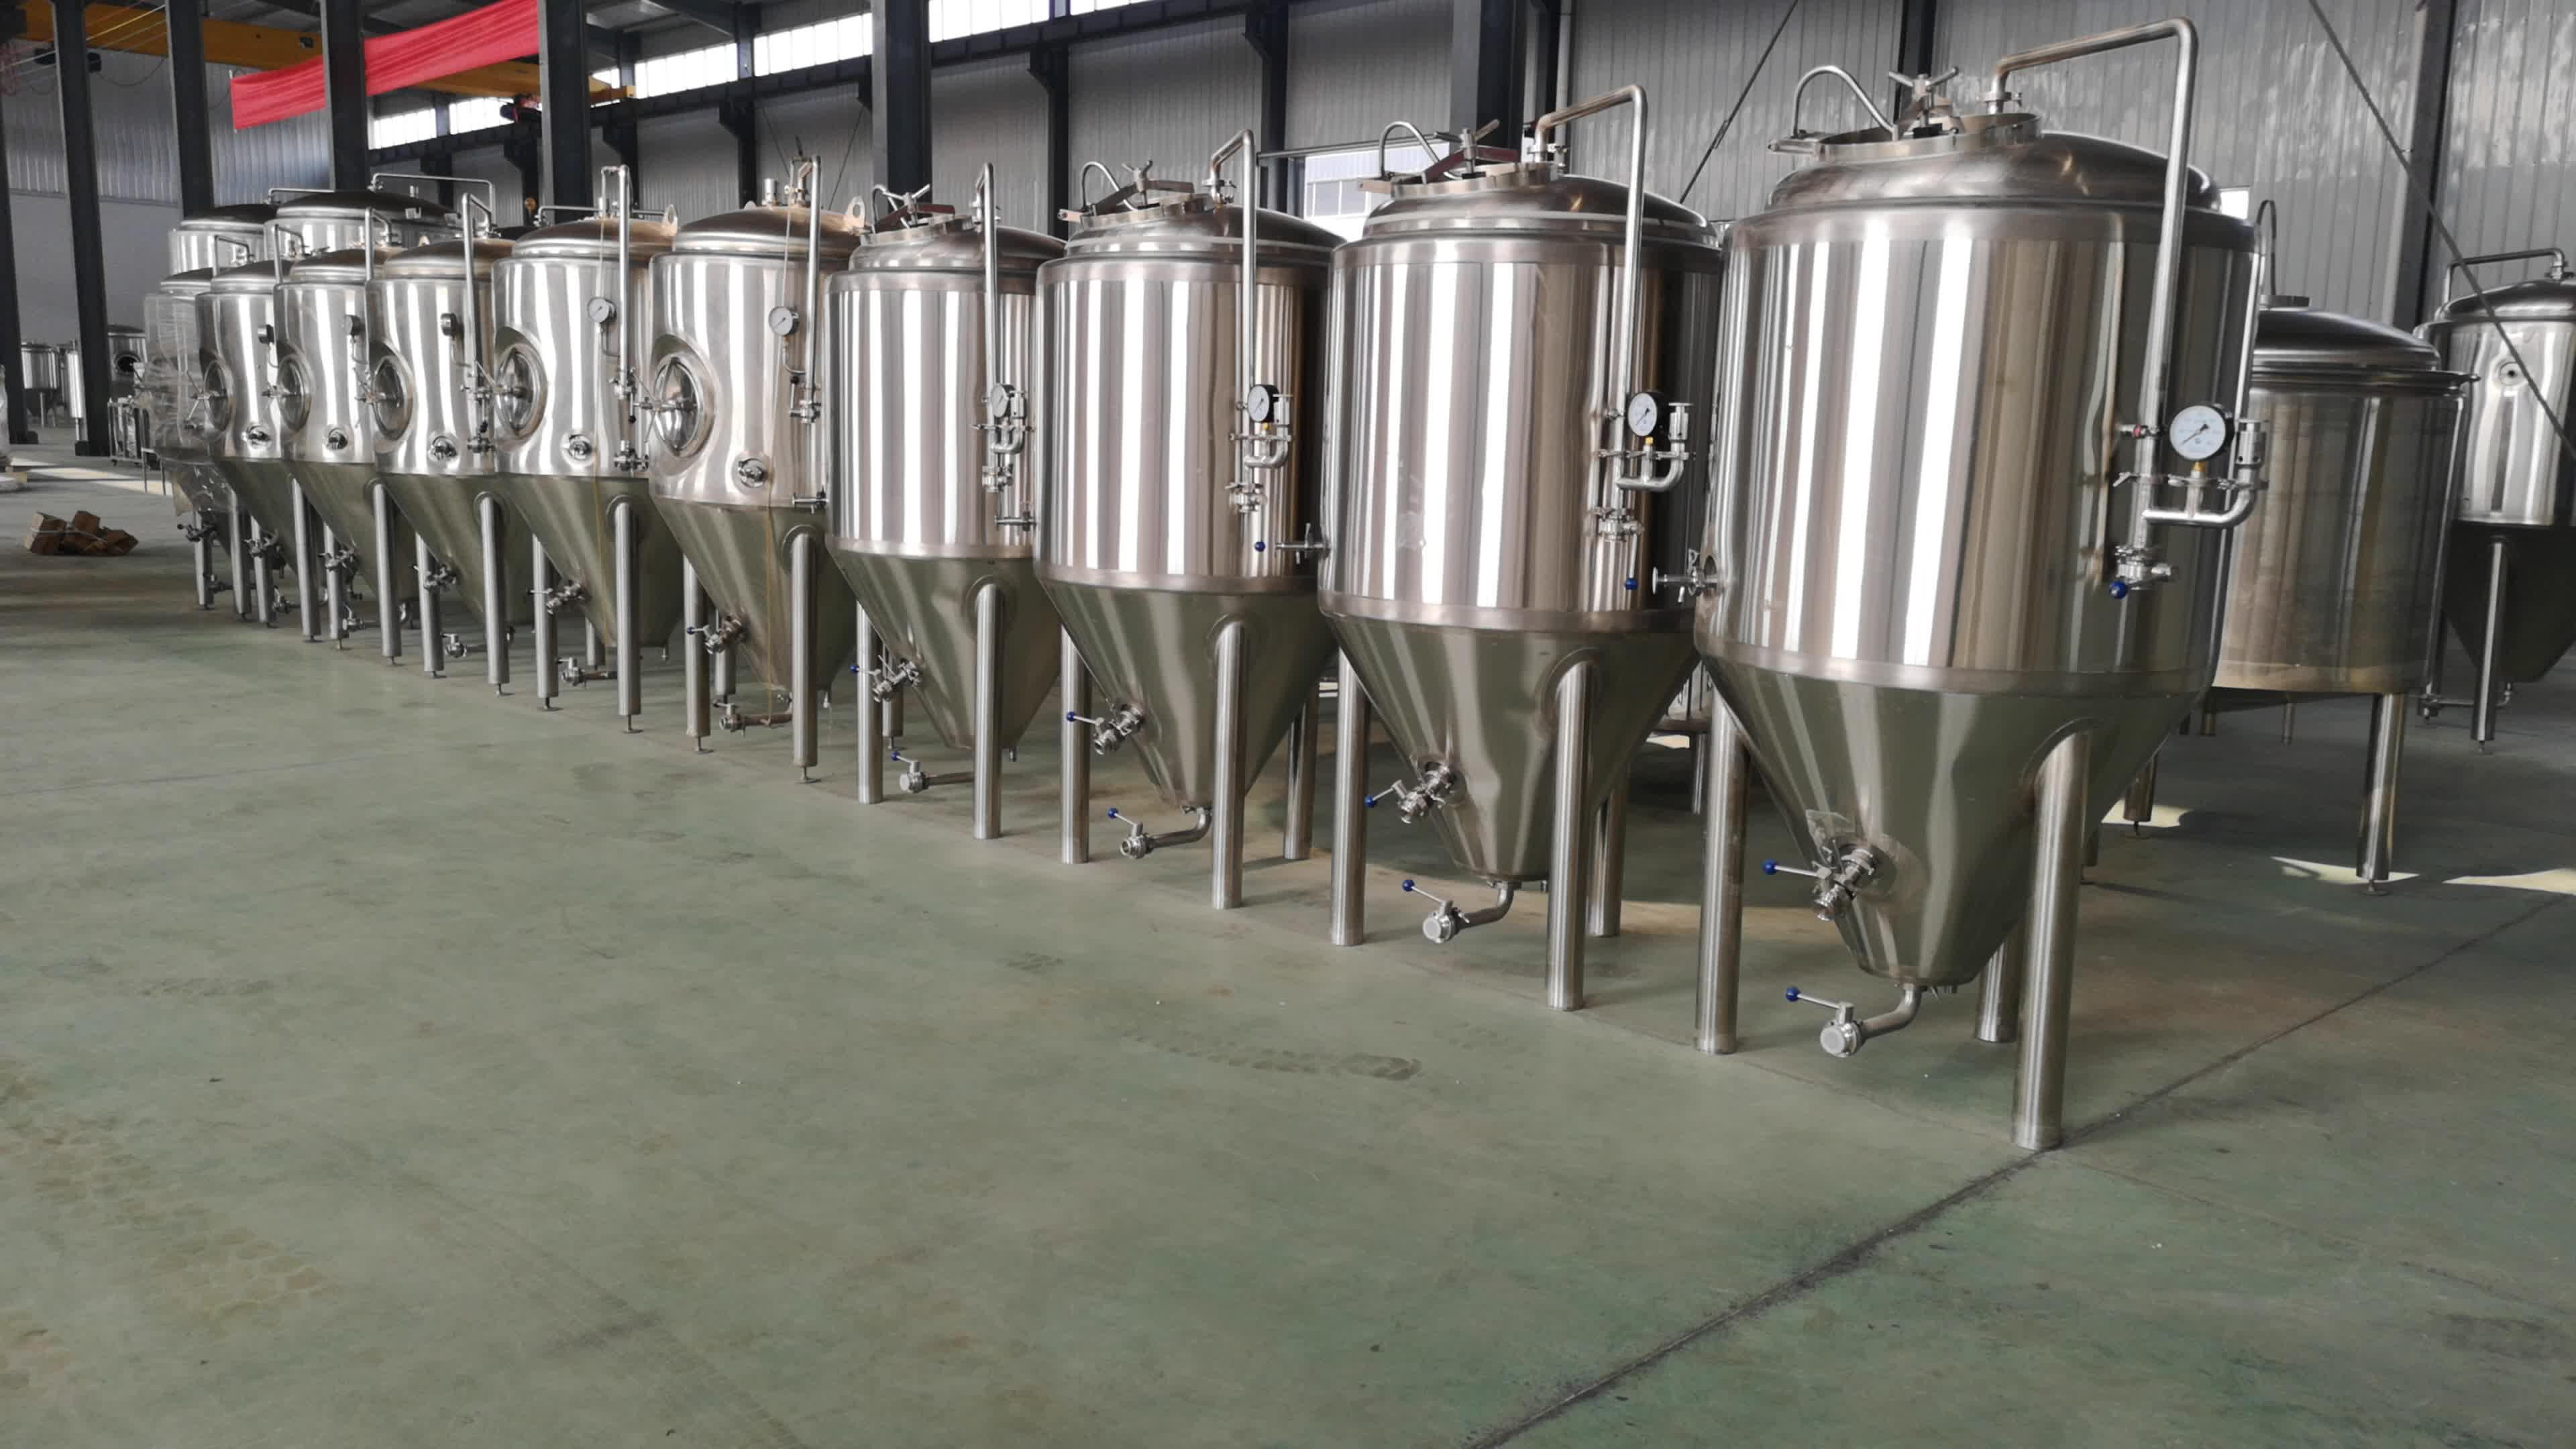 50 लीटर स्टेनलेस स्टील 304 माइक्रो पक उपकरण, बियर किण्वन उपकरण